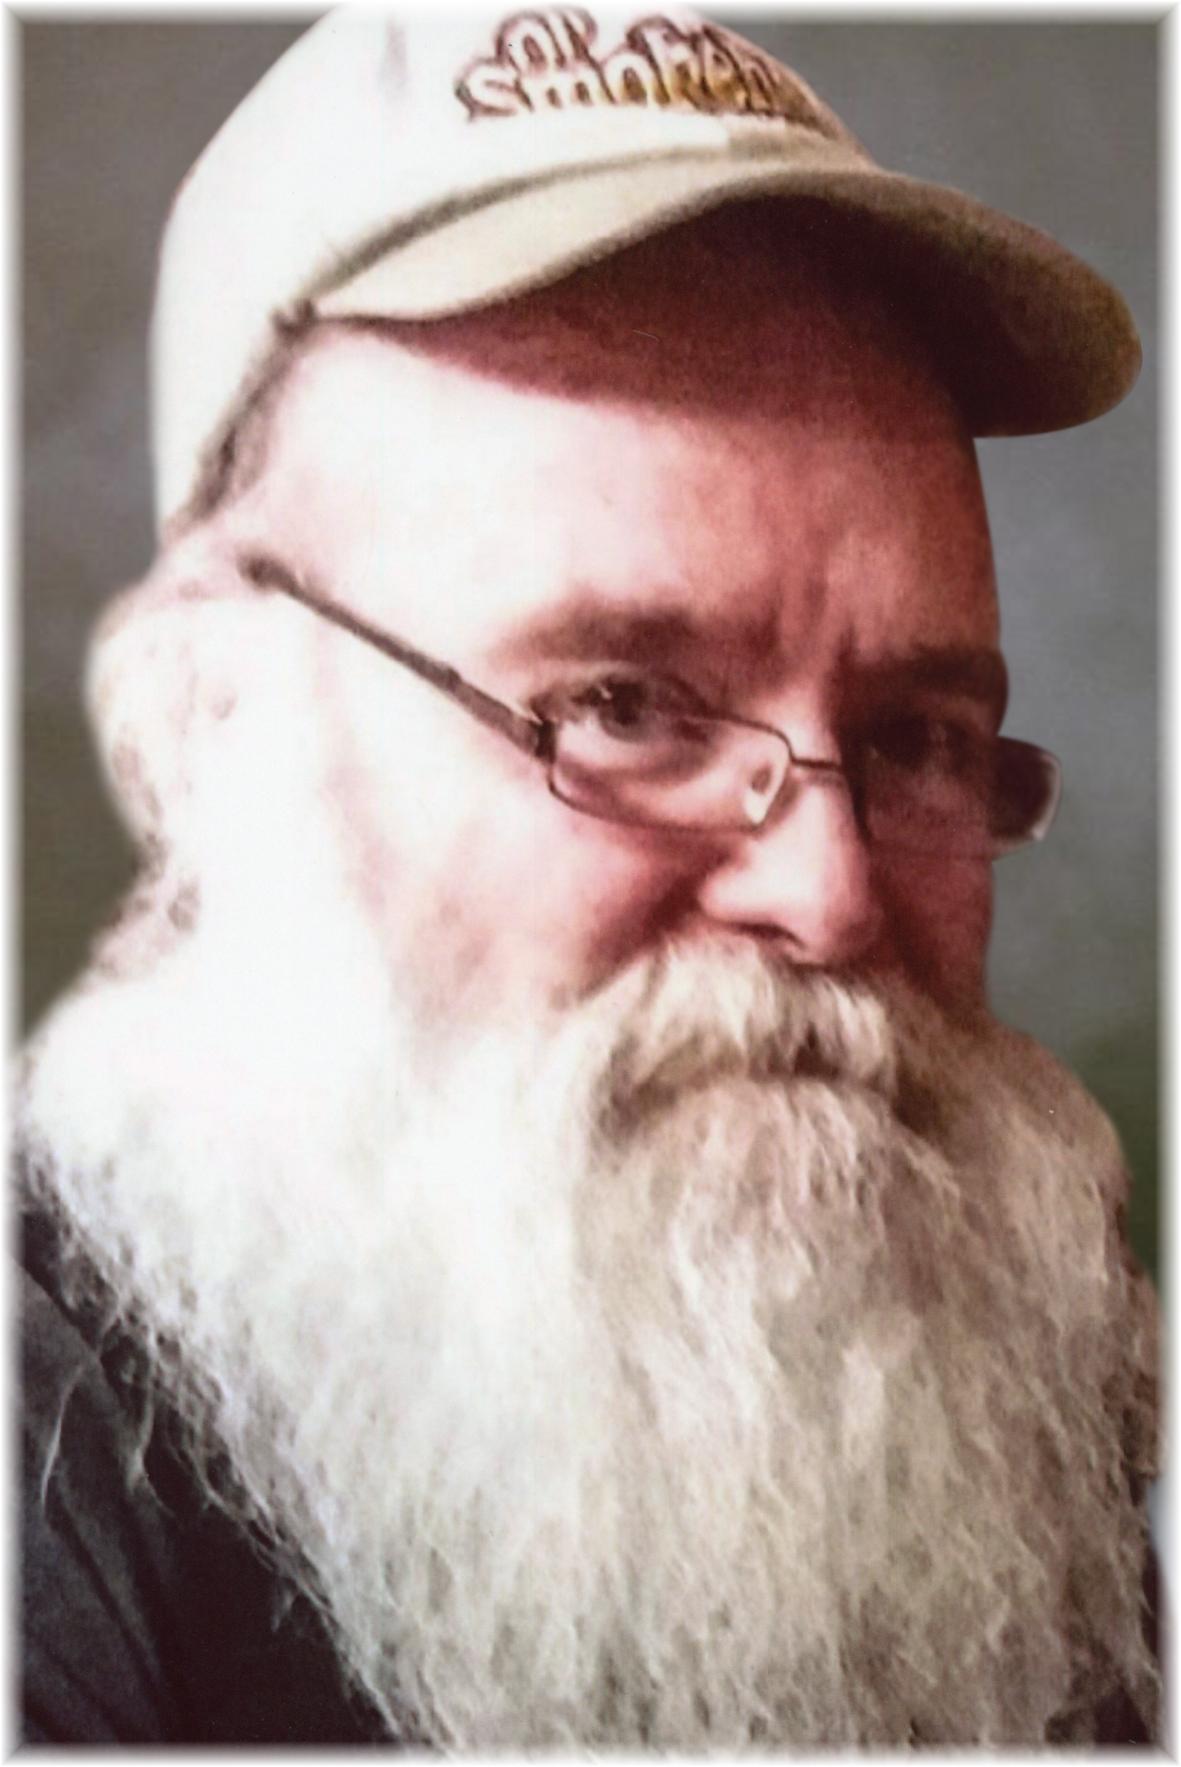 Larry M. Caddell